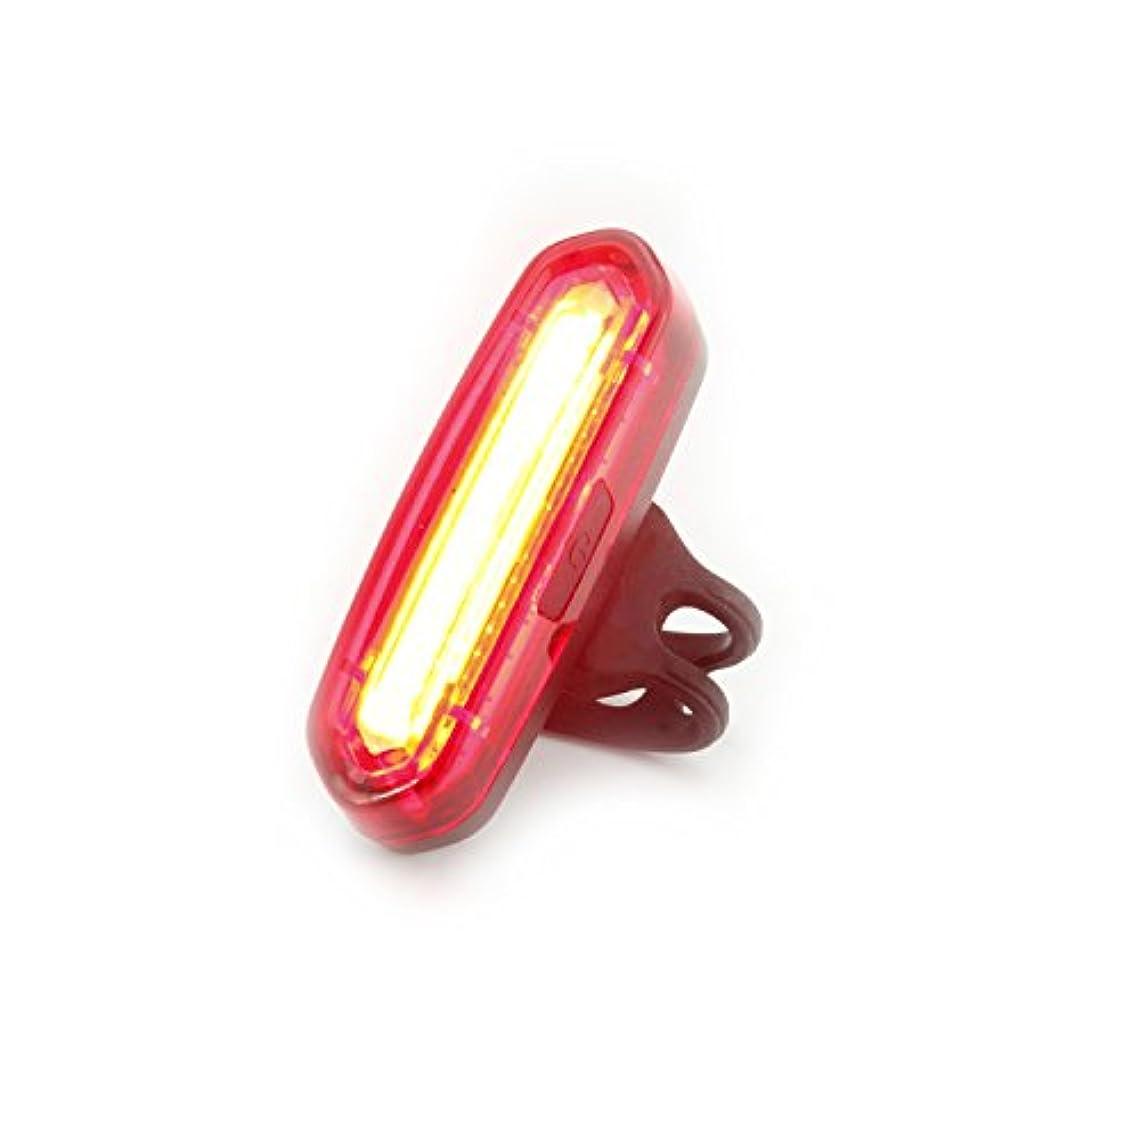 とは異なり胴体上流の光自在 cozyshine ® 自転車テールライト ホワイト USB充電LEDランプライト120lm防水超高輝度の自転車の安全ライト 4つモード 自転車、ヘルメット、バックパック C-LEDDC1H-5